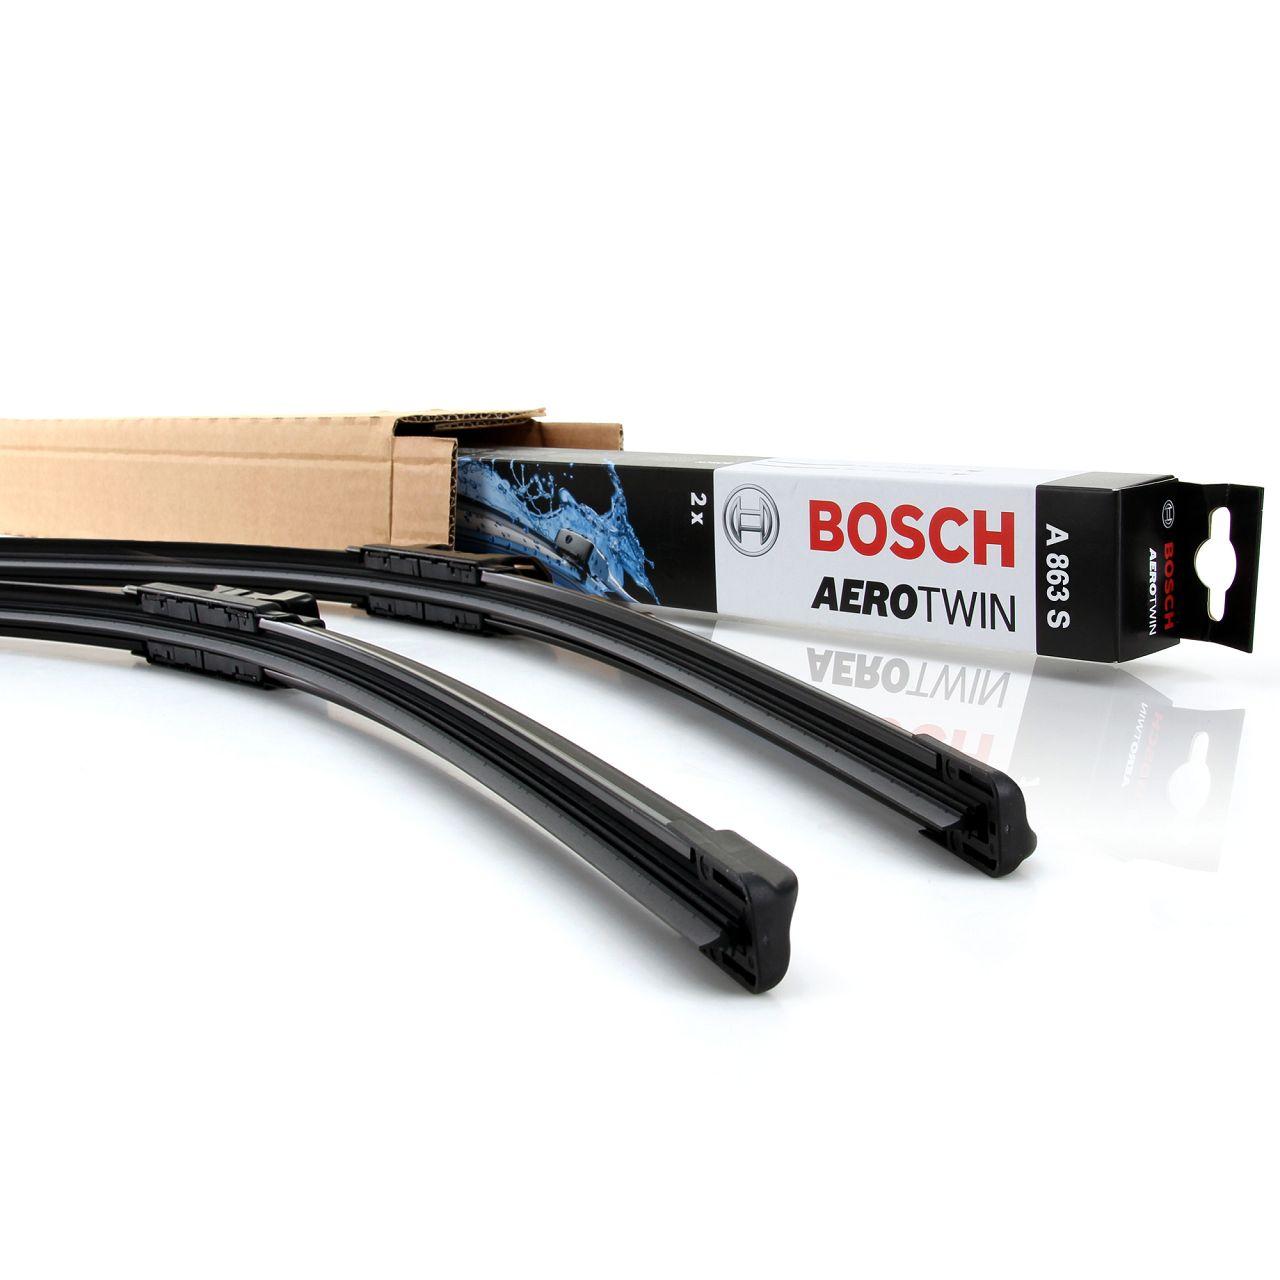 BOSCH AEROTWIN A863S Scheibenwischer Wischerblätter für AUDI A3 8V VW GOLF 7 VII